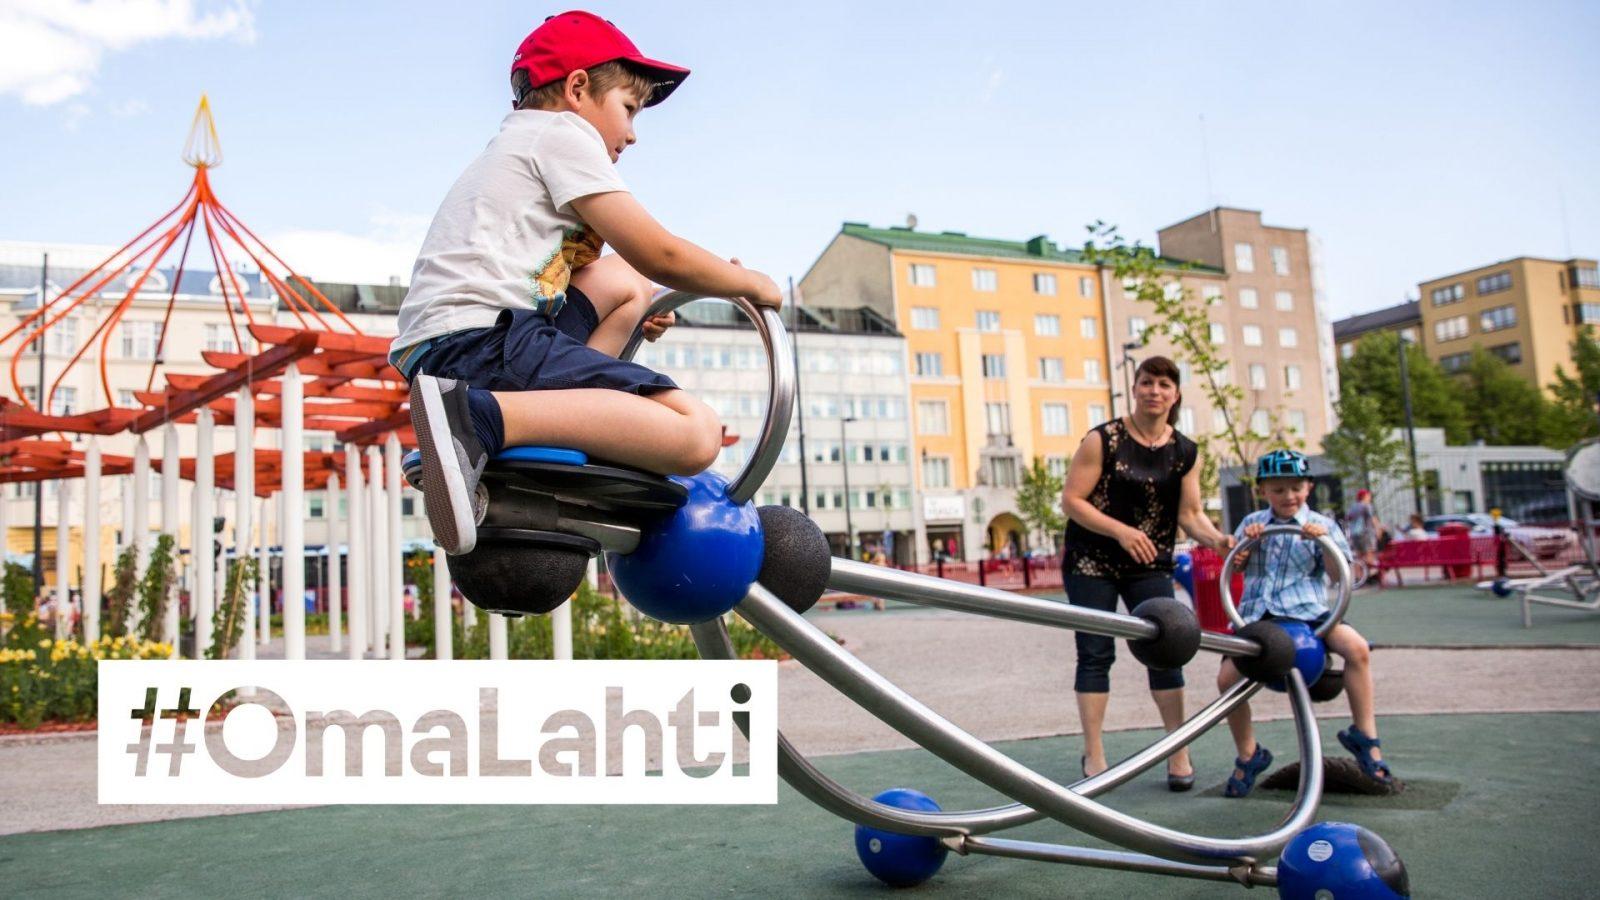 Lapsia keinulaitteessa alatorin puistossa.